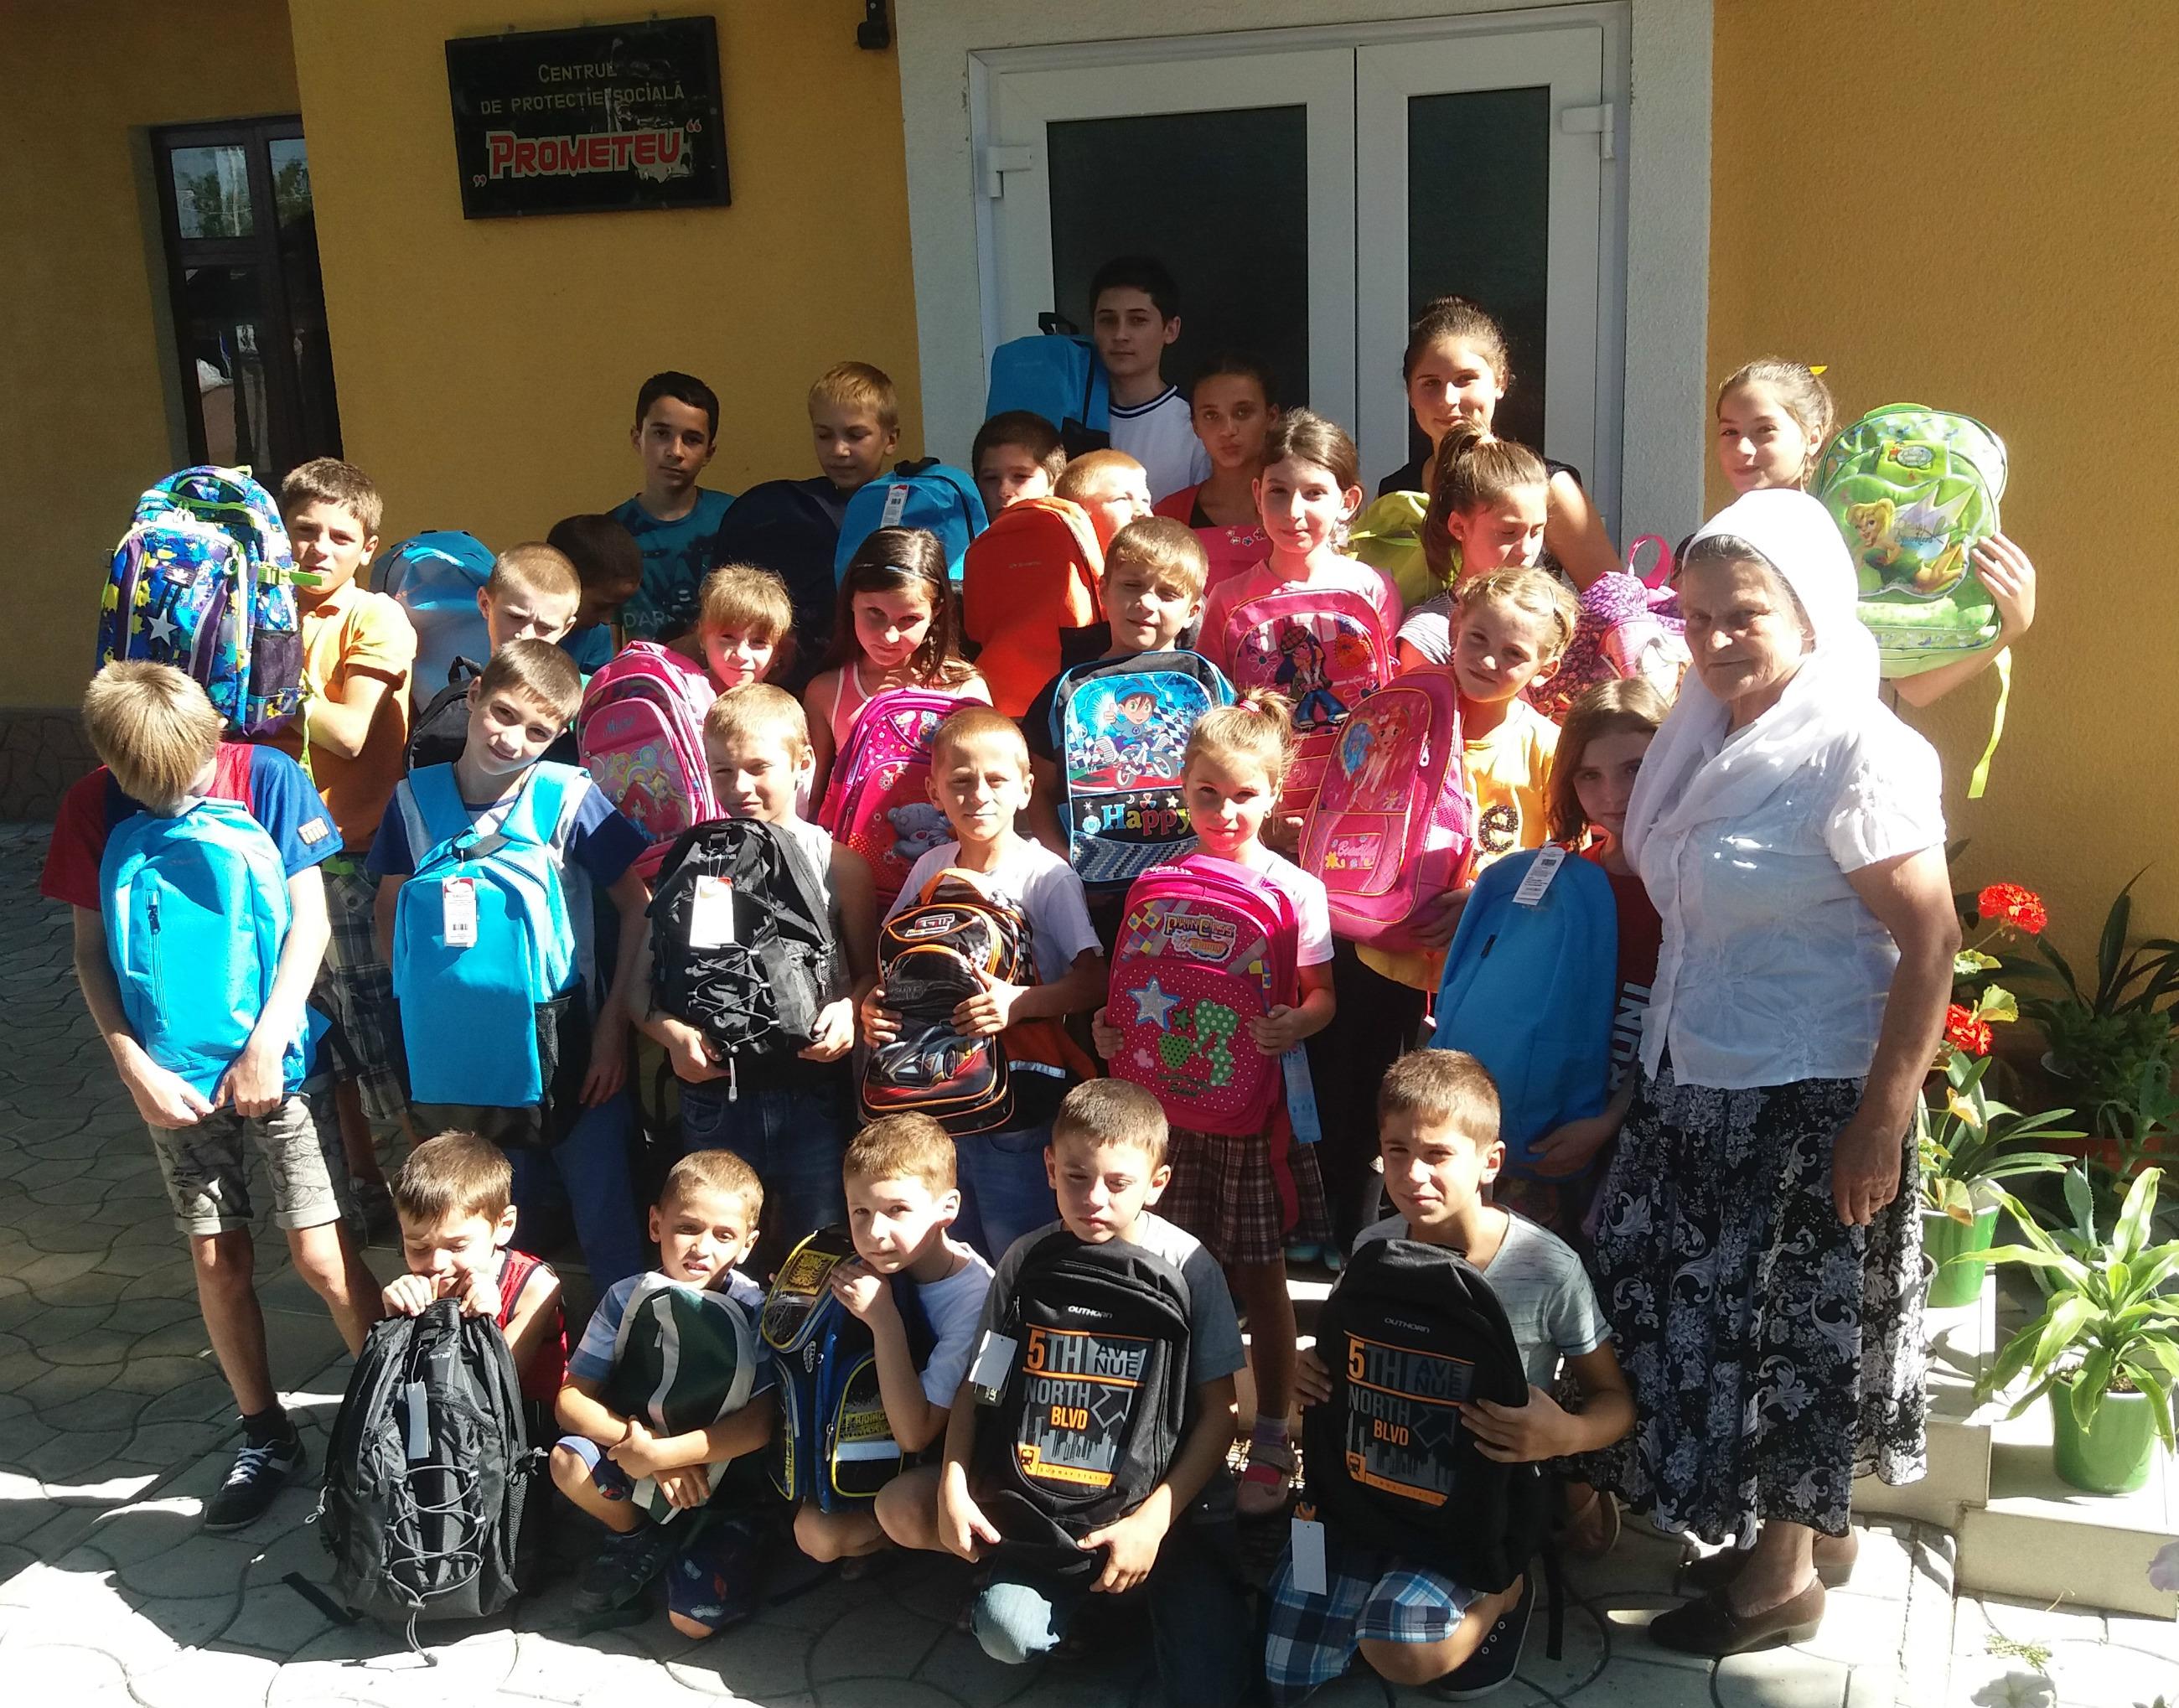 """Copiii de la Centrul de Protecţie Socială """"Prometeu"""" au primit ghiozdane în care aveau toate rechizitele necesare"""